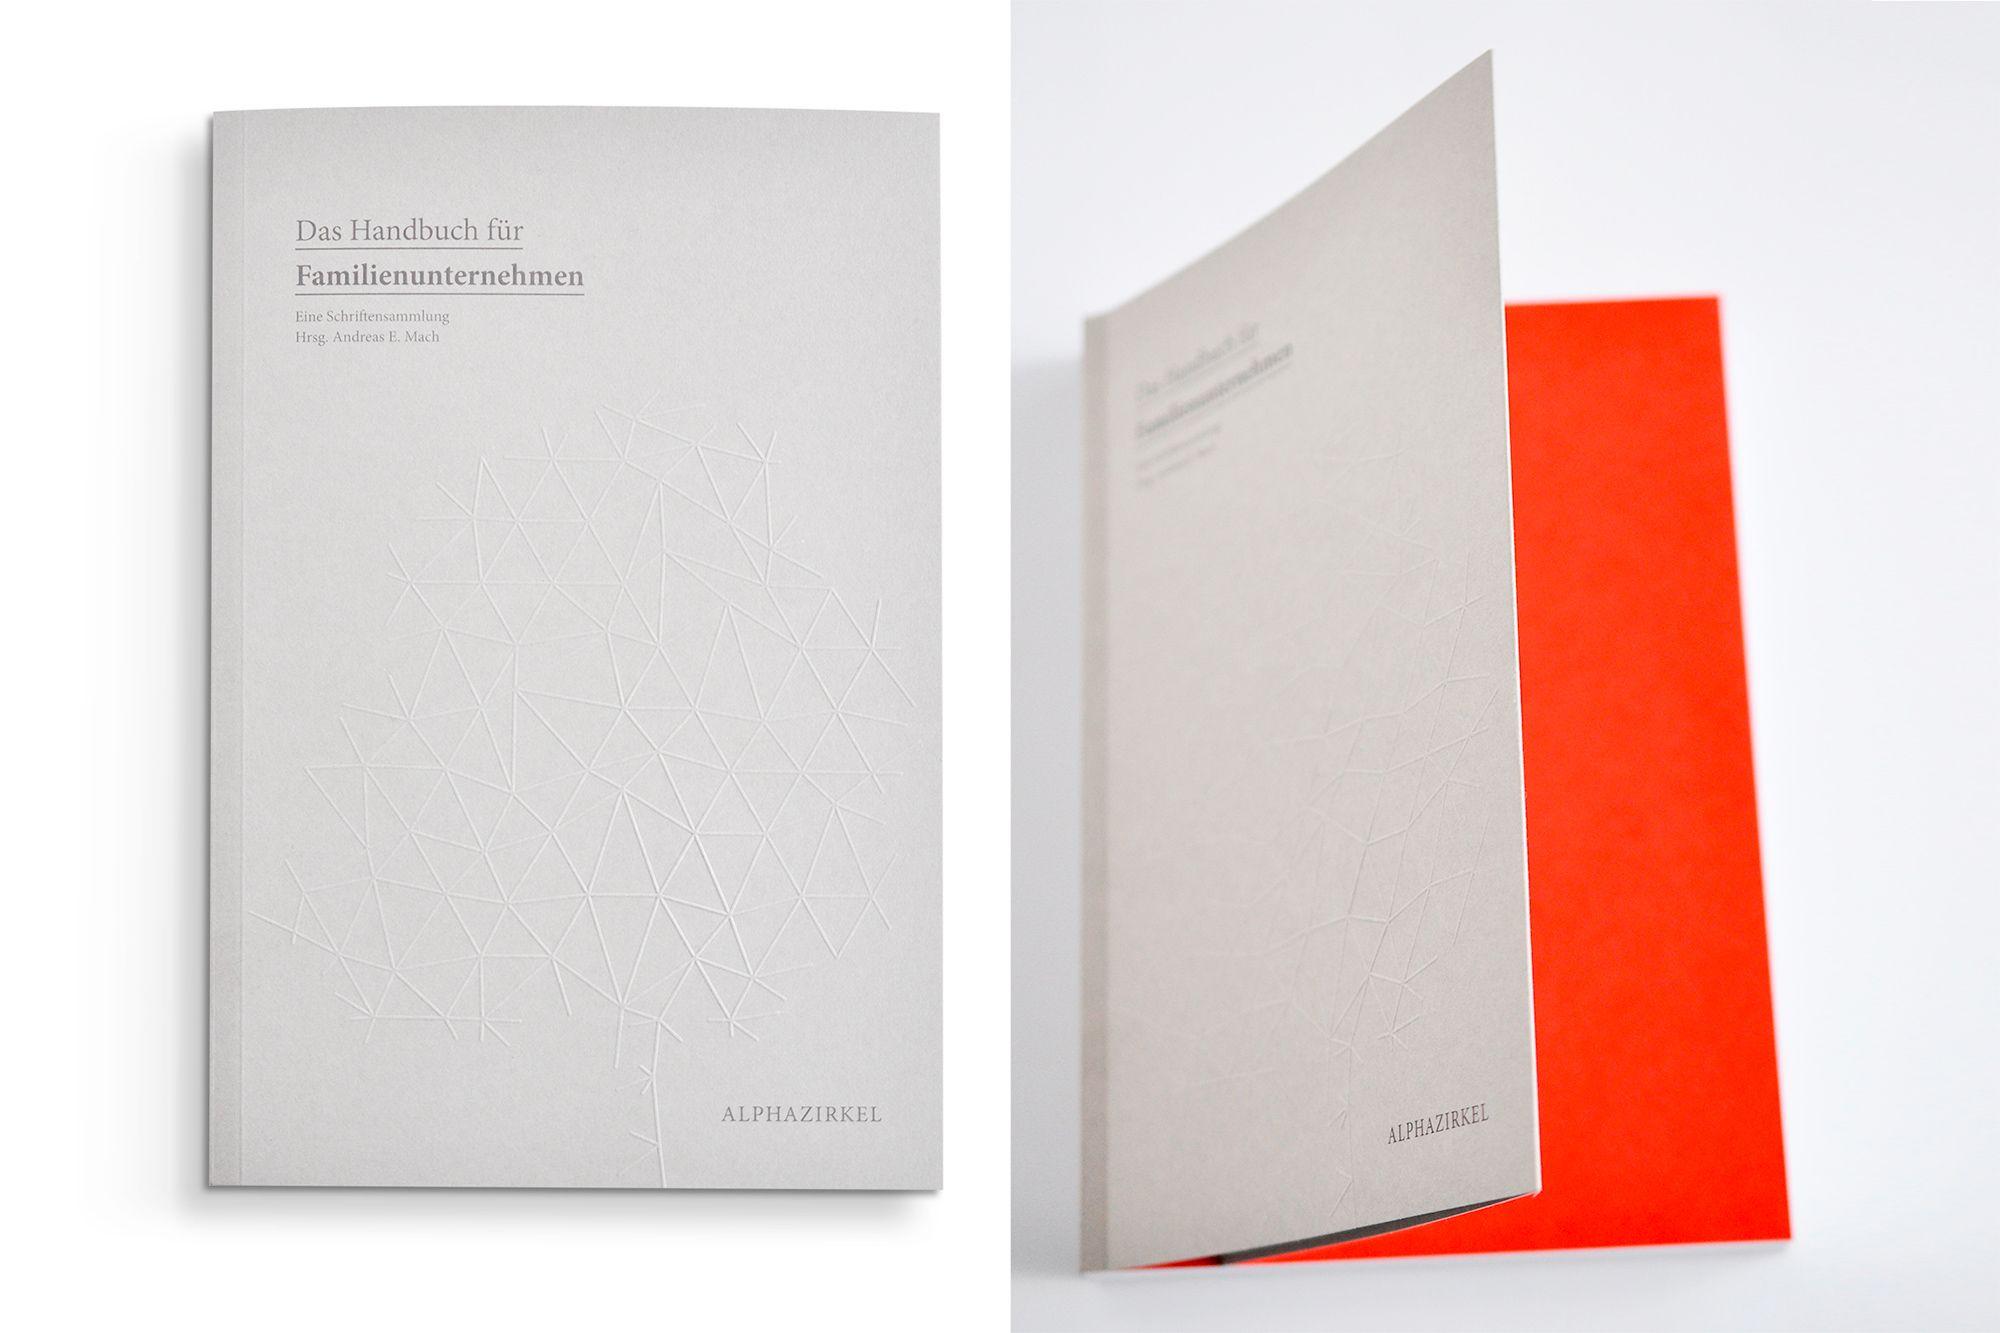 Az Buch Front